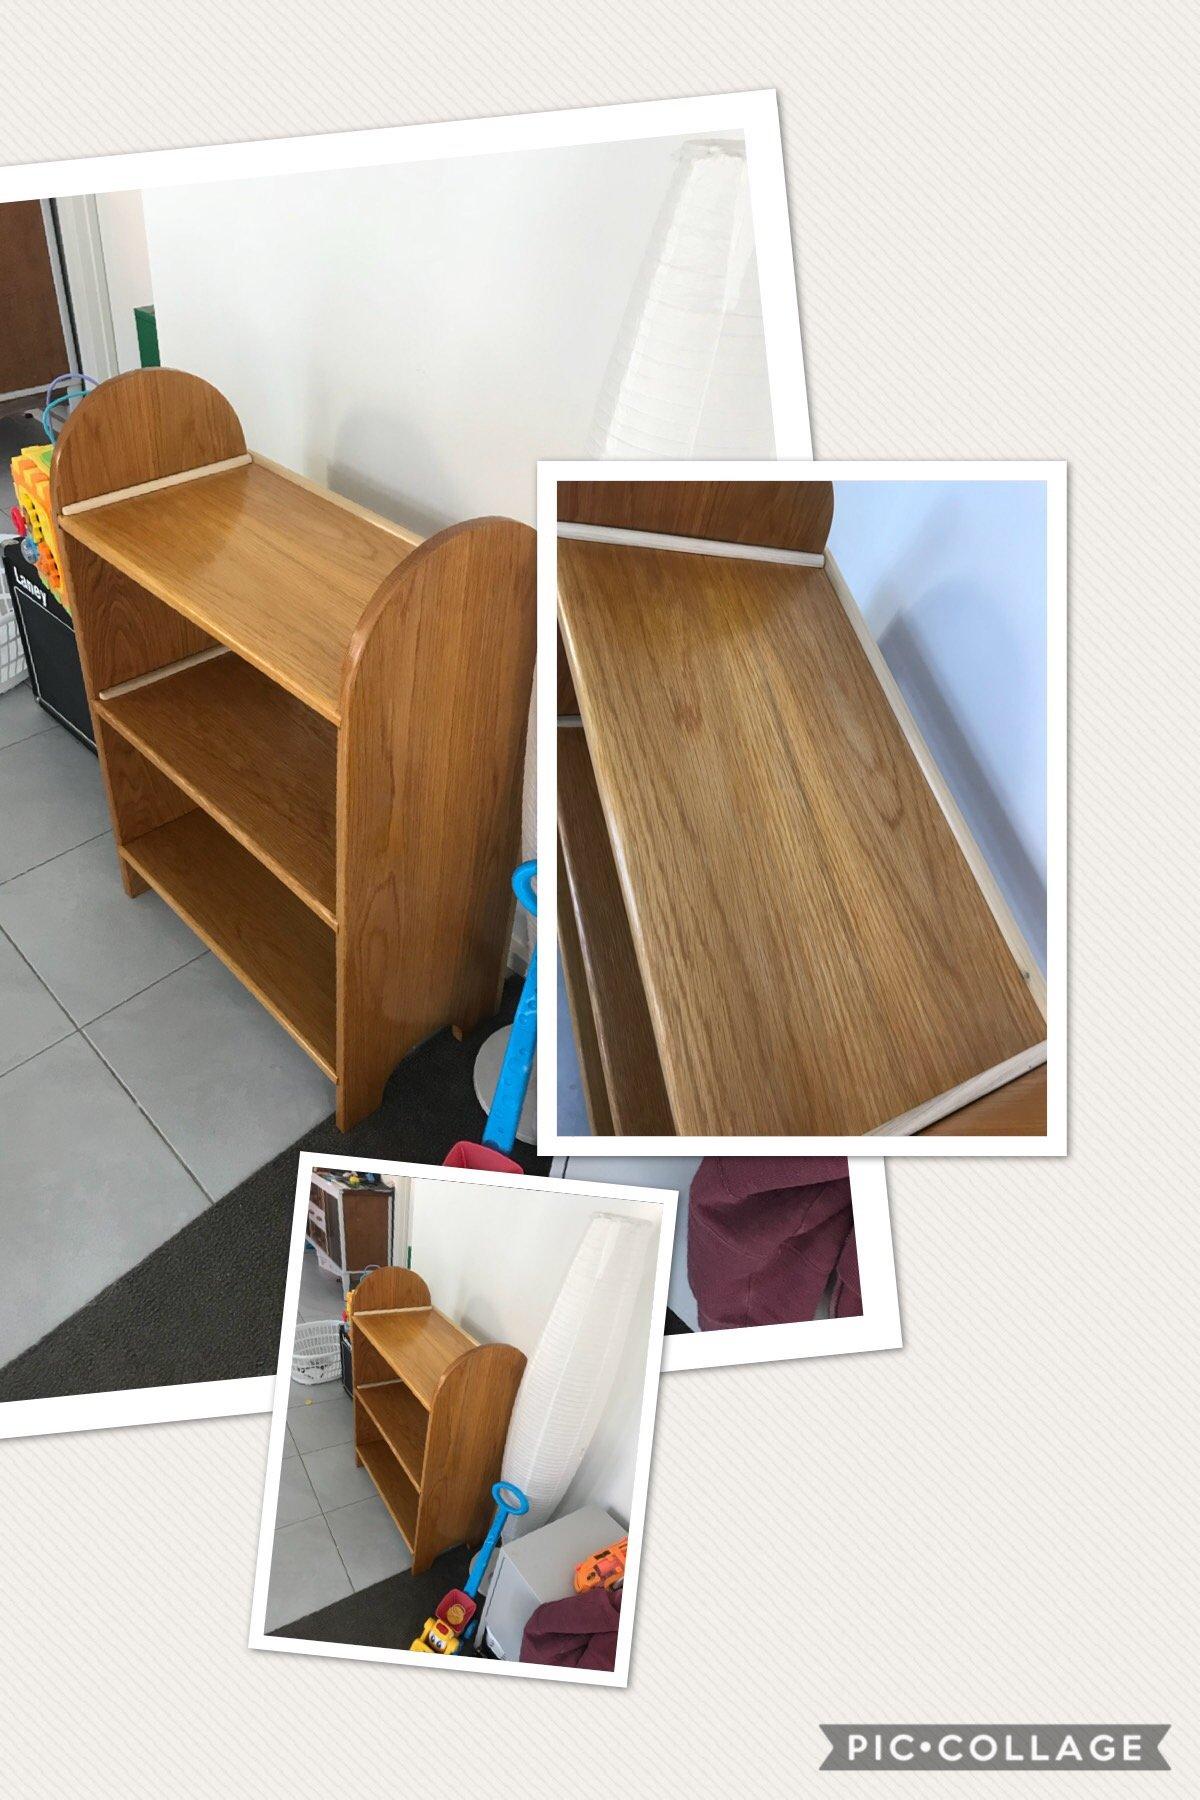 Shaker-inspired Shelves by Nat Jones